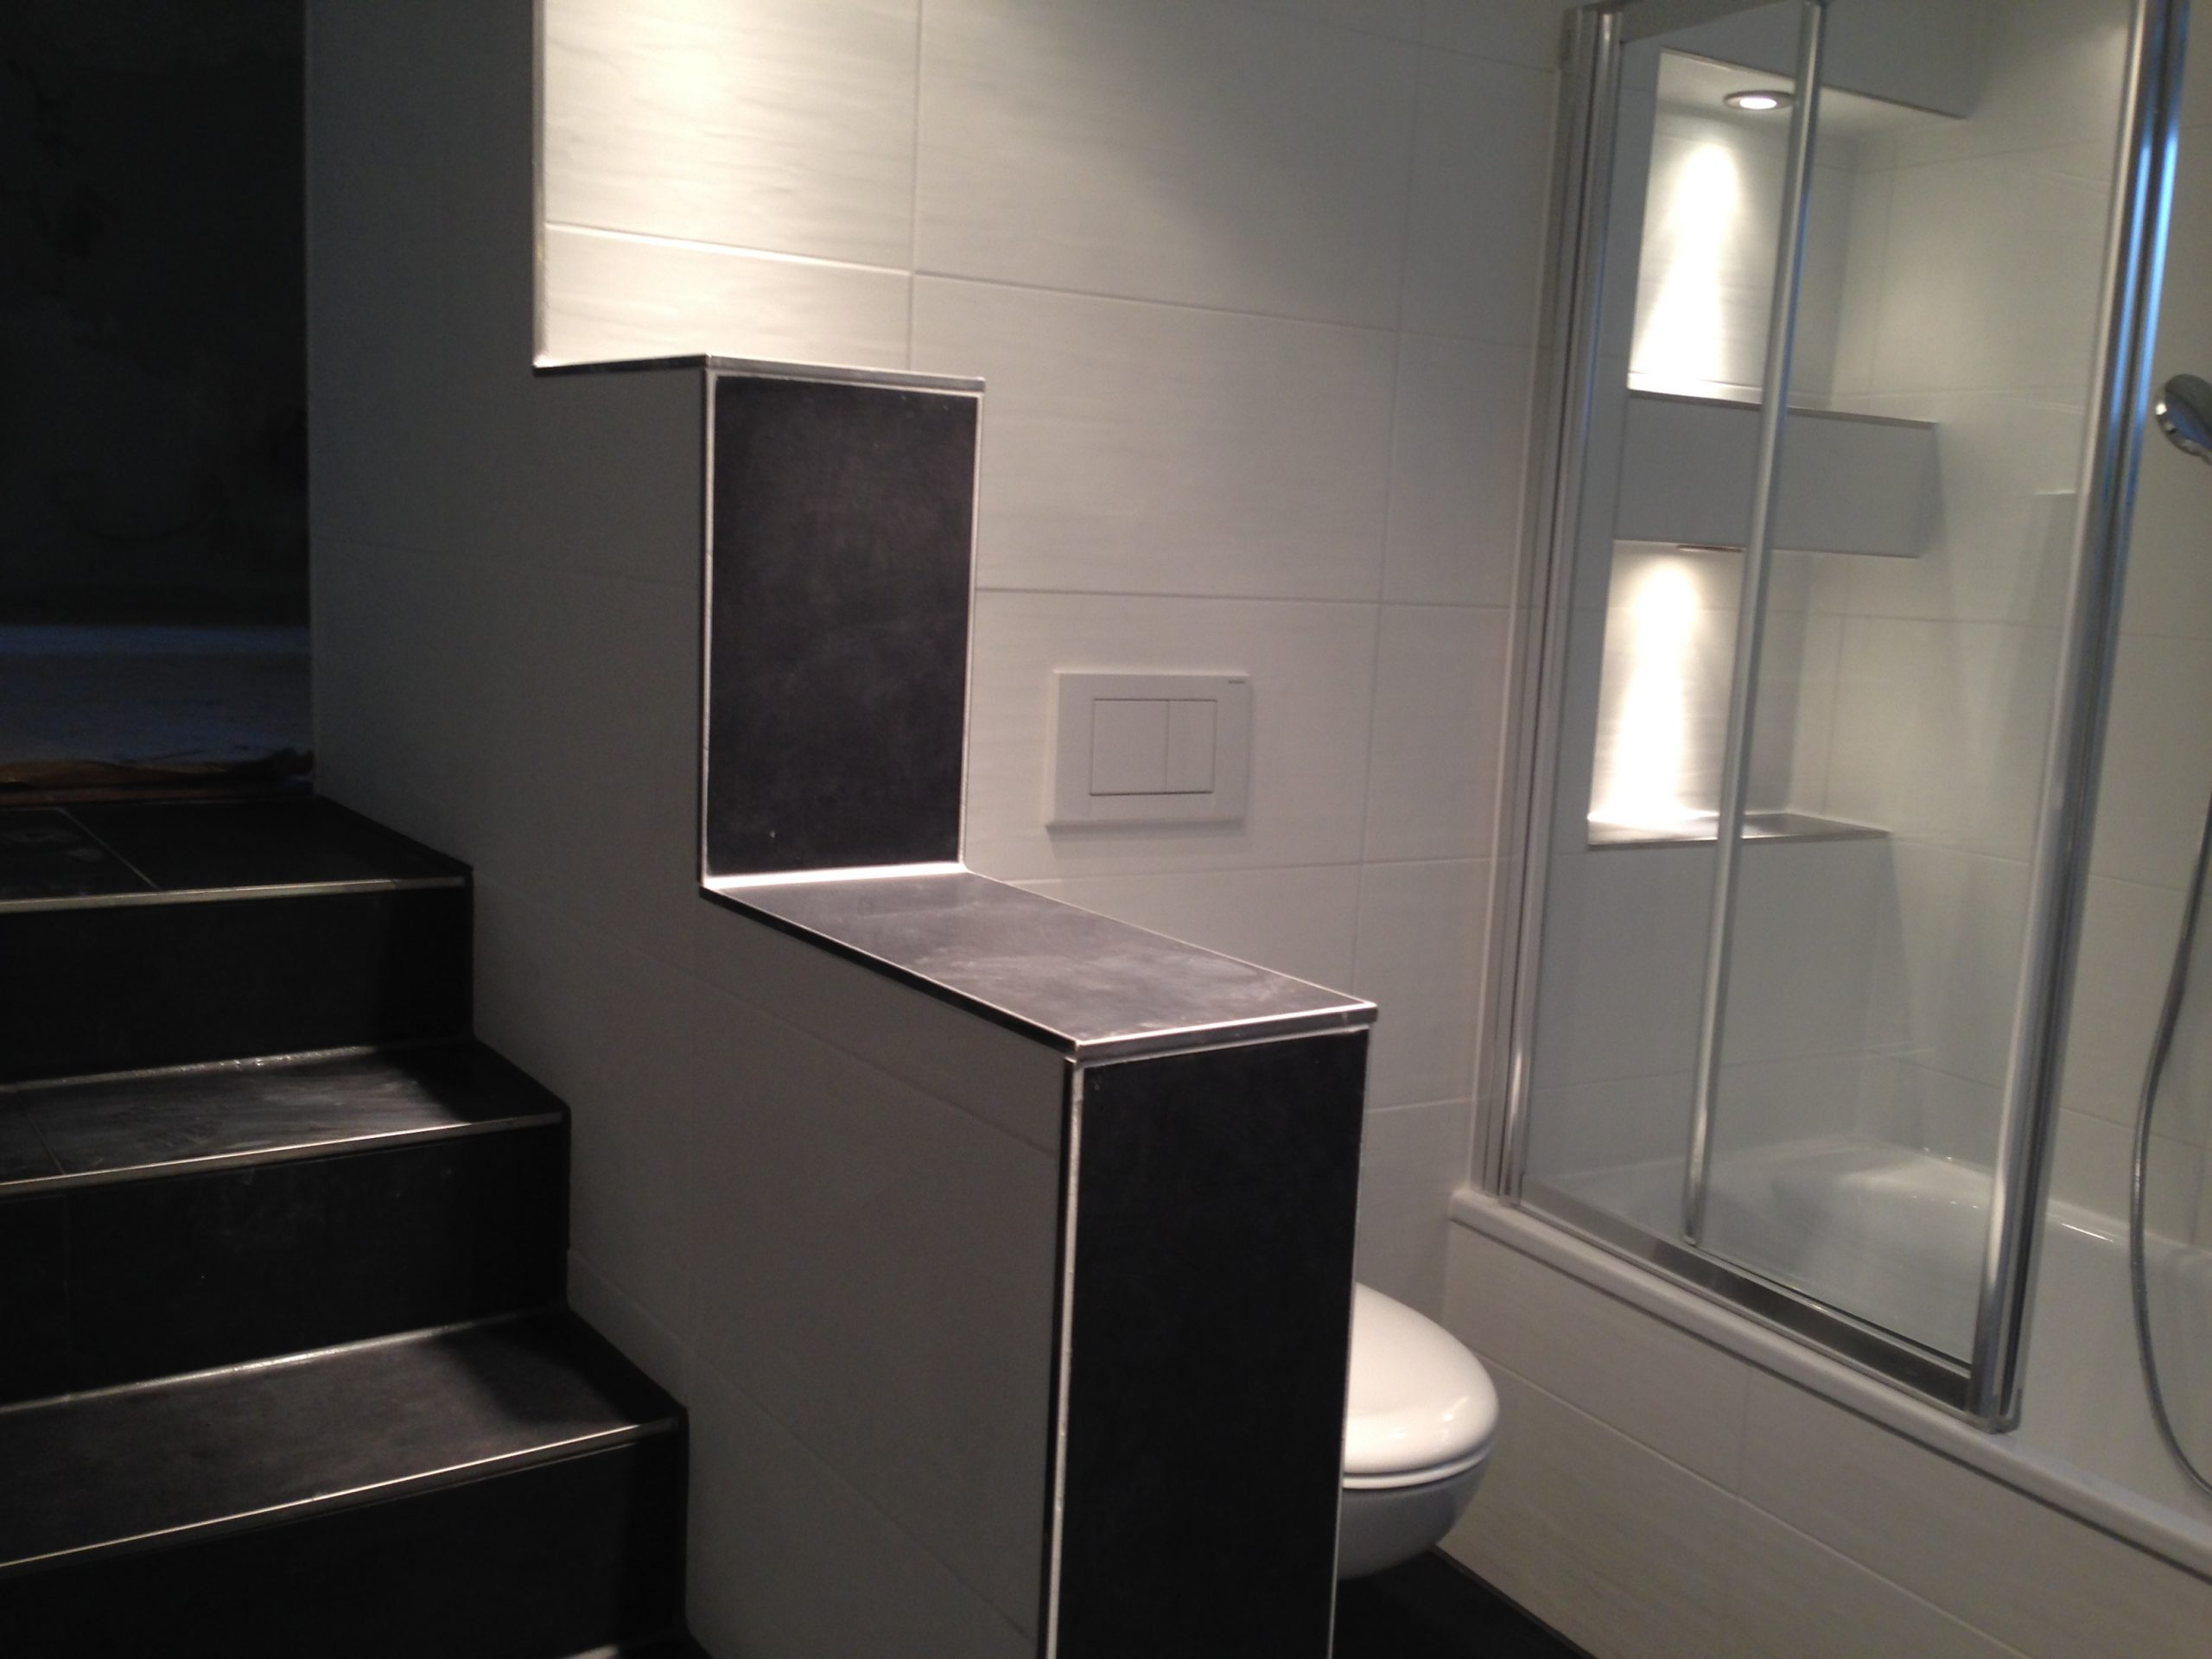 Modernes Bad nach Renovierung